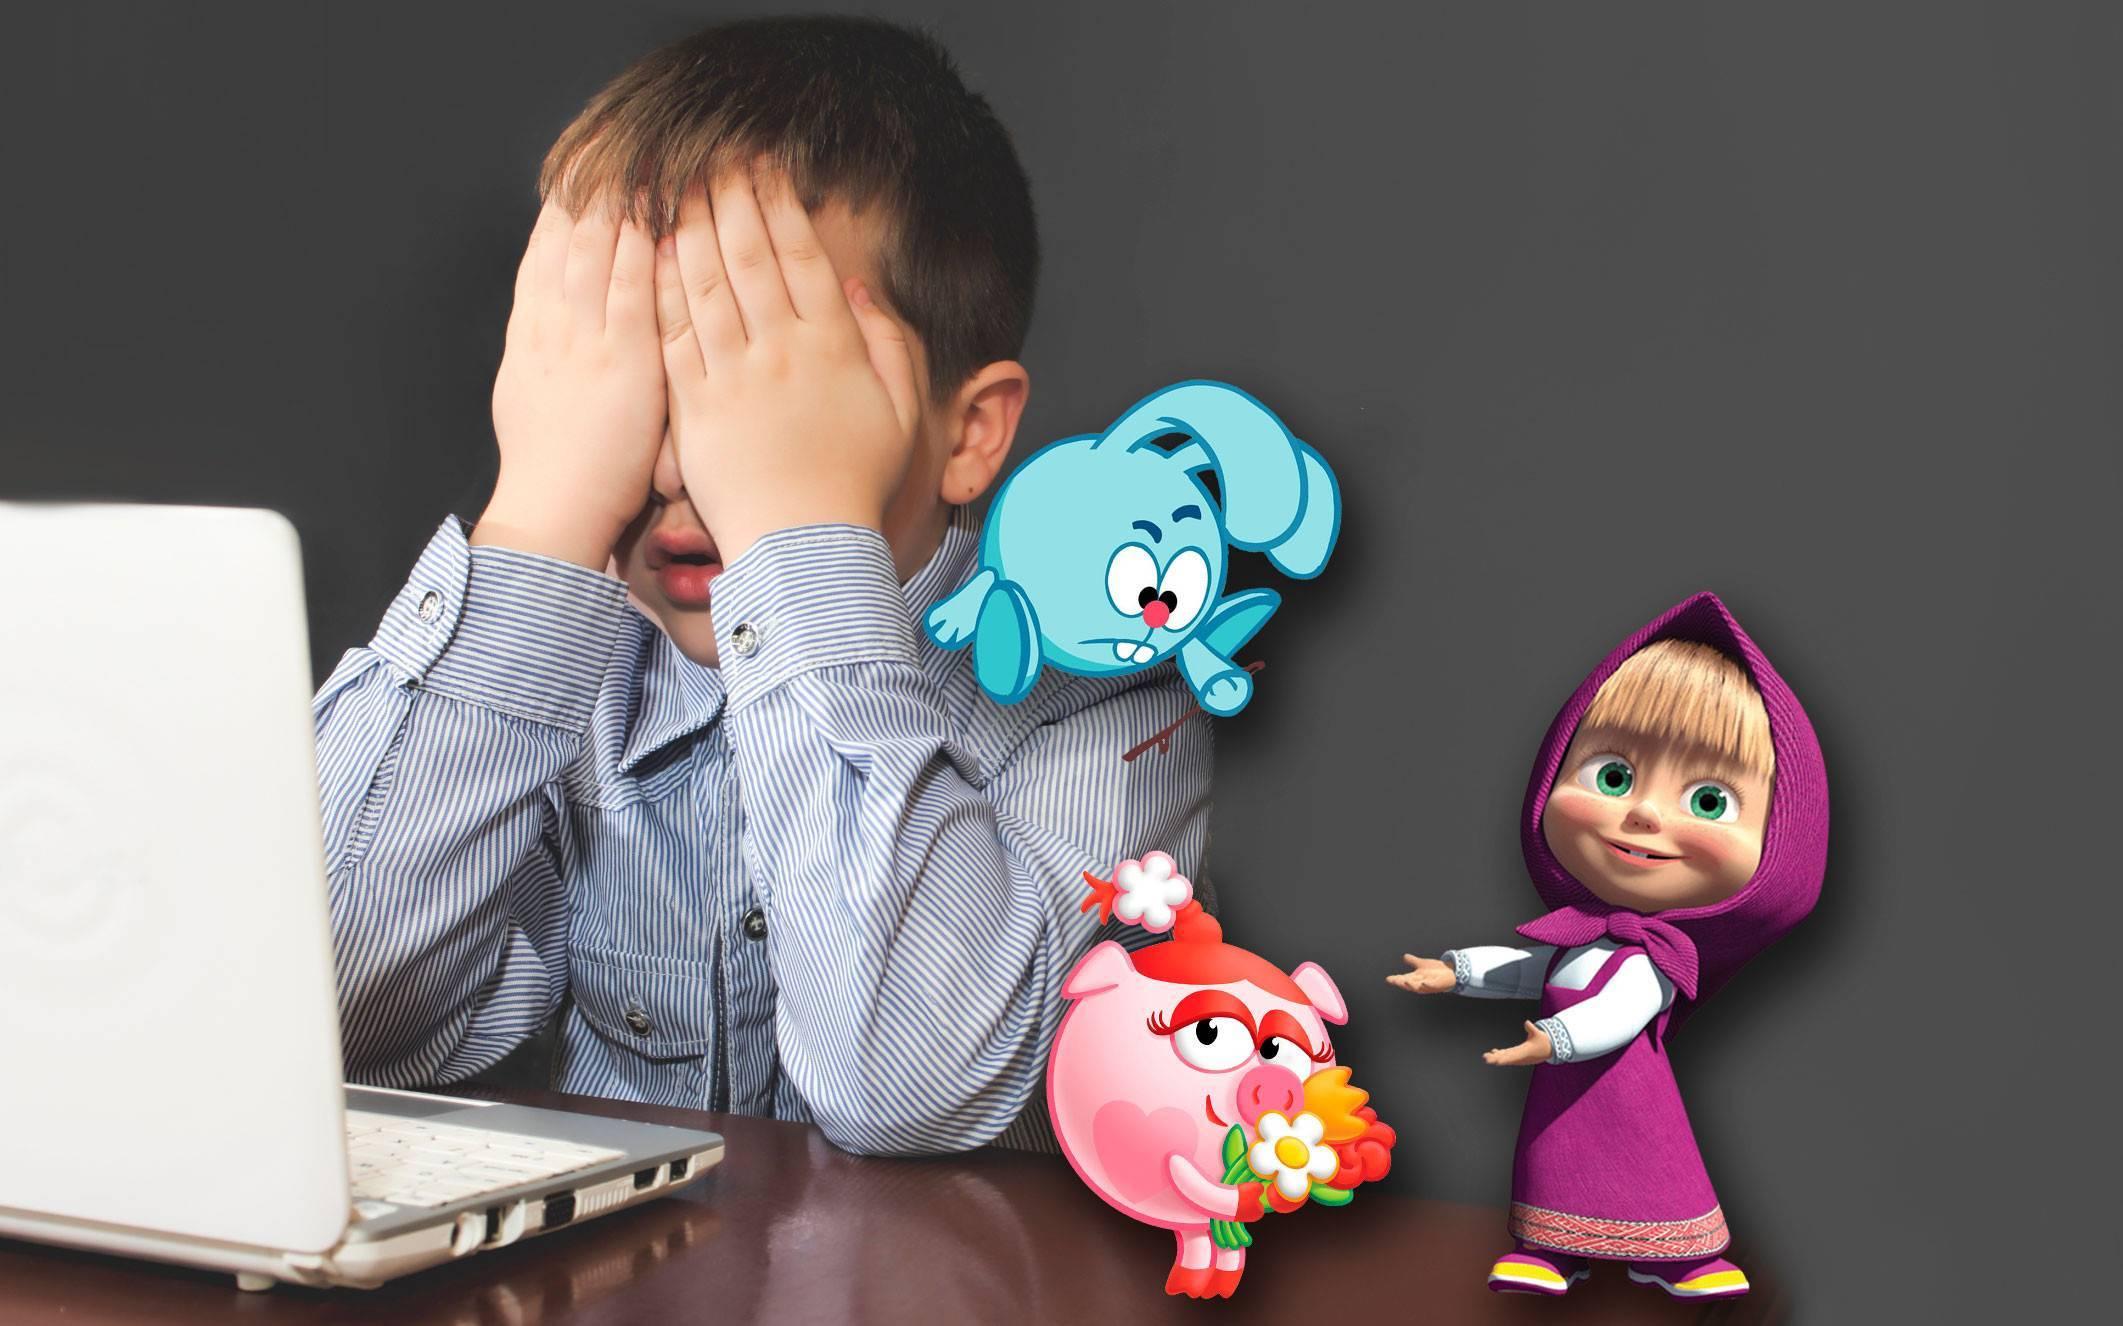 Как влияют мультфильмы на психику детей?